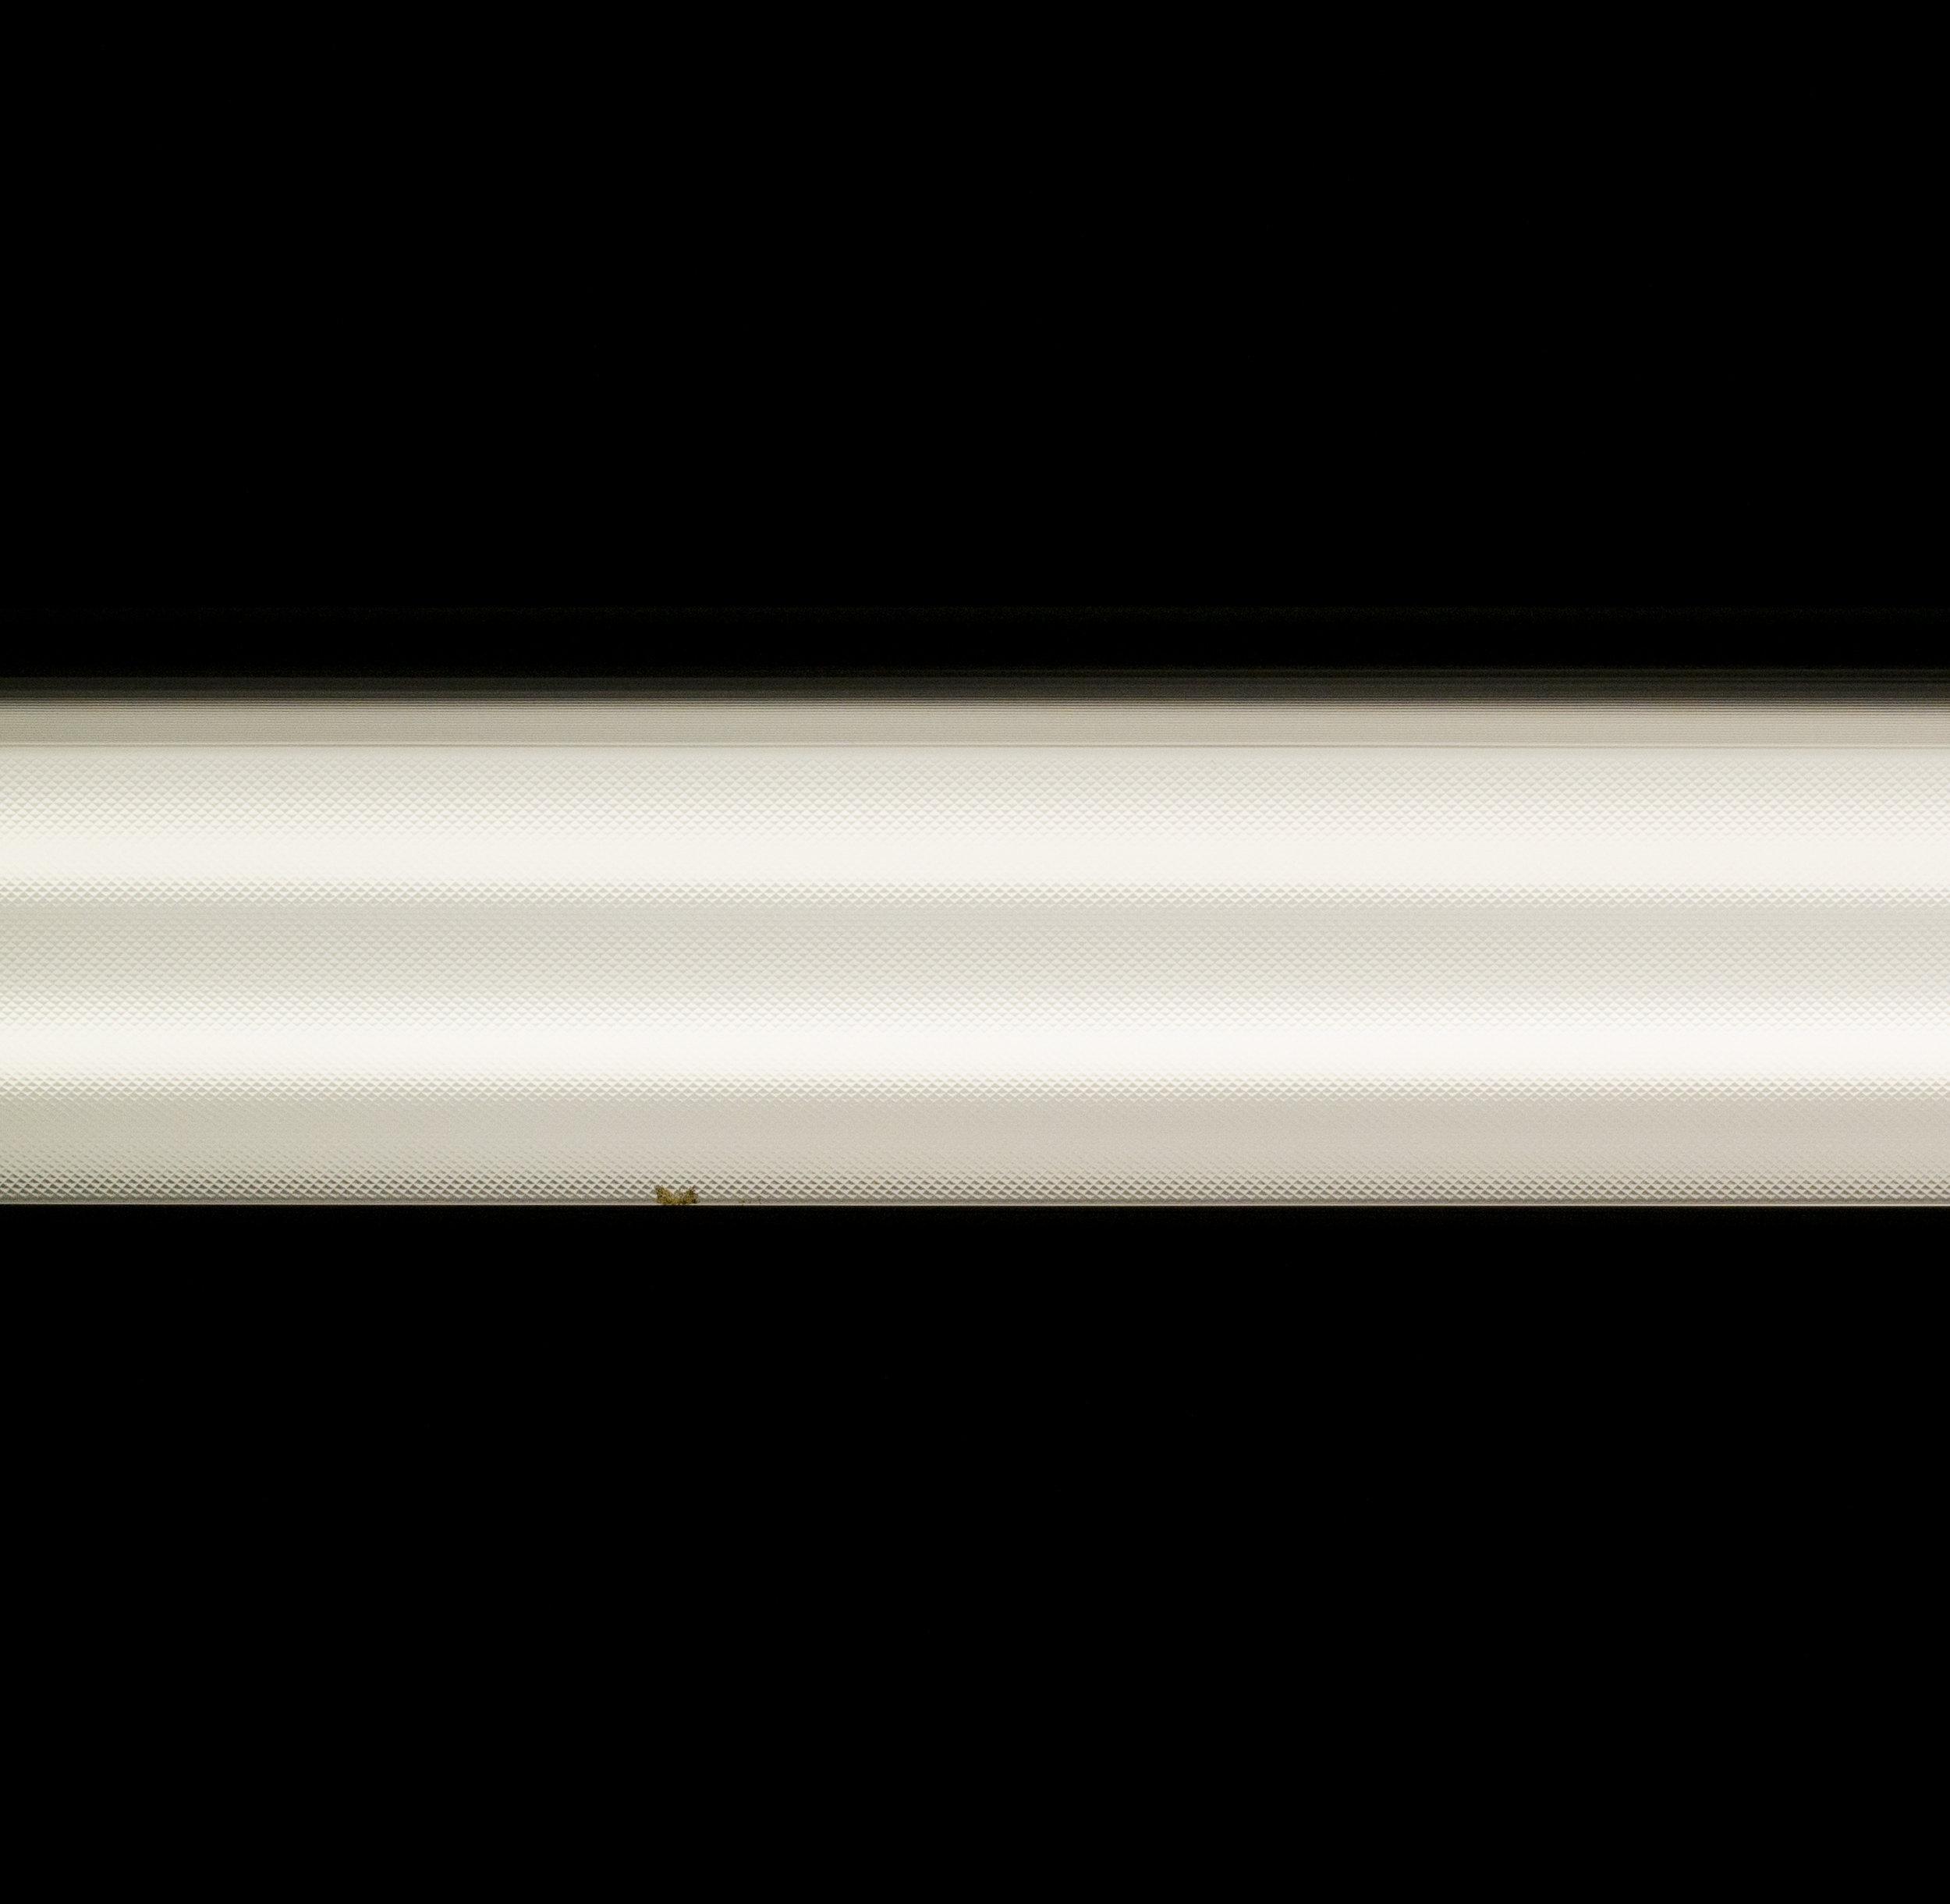 4-Florescent.jpg